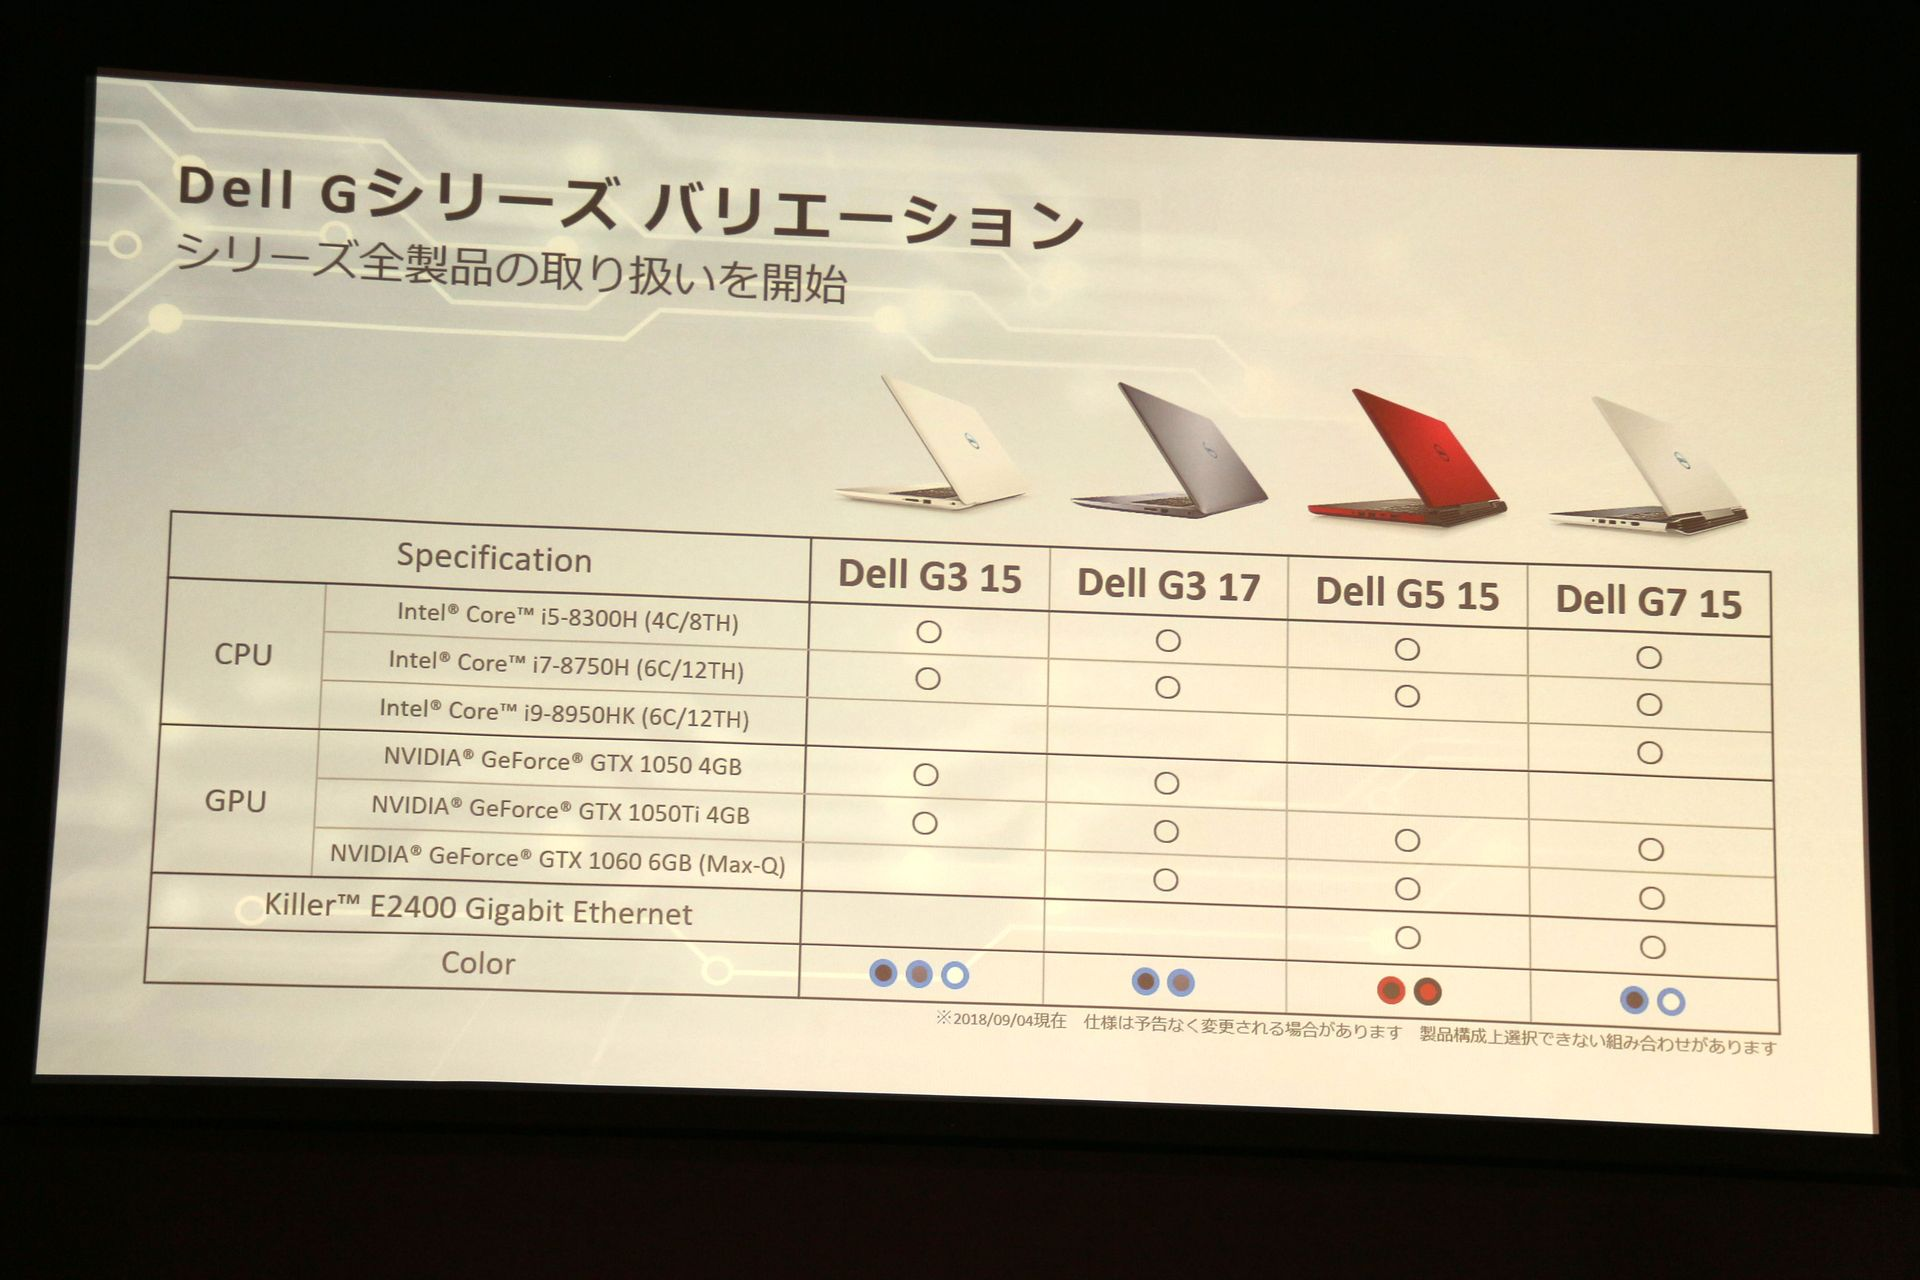 ノートPCもALIENWAREではなく、デルGシリーズのラインナップ強化となる。エントリー向けG3に17インチモデル、ハイエンドのG7にCore i9-8950HK採用モデルが追加された